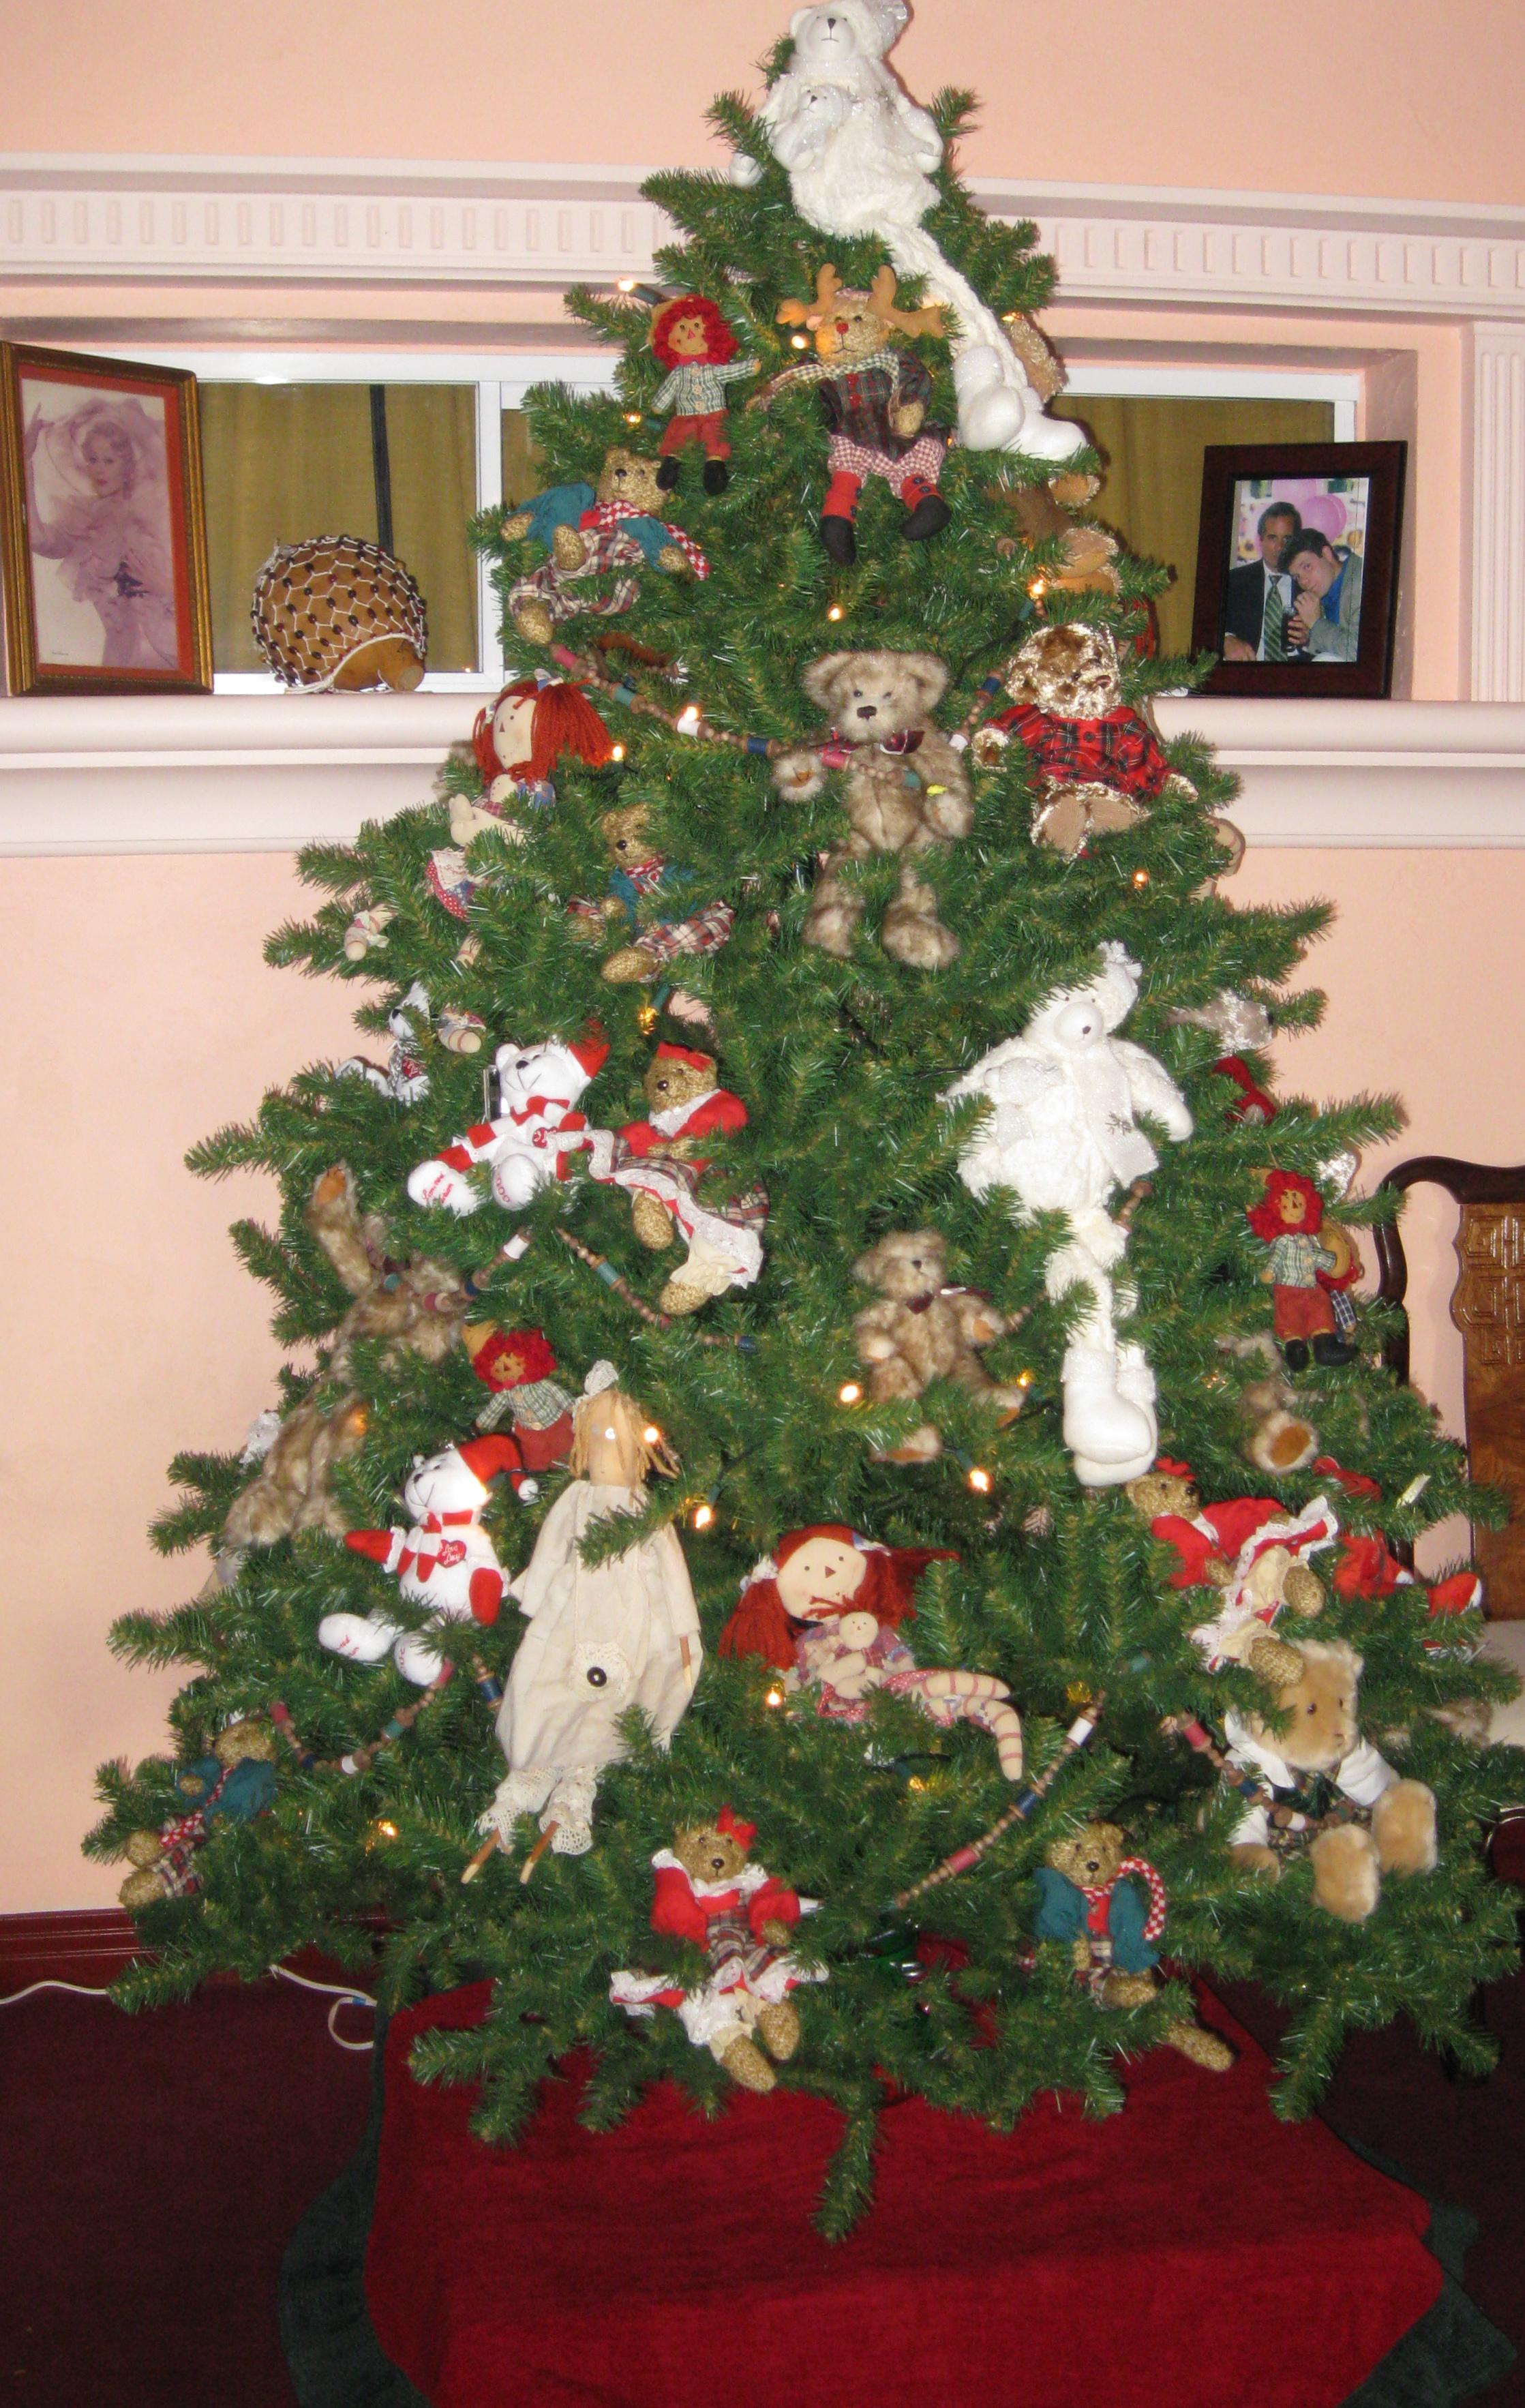 Christmas Tree Decorated With Teddy Bears Always a Teddy Bear Tree